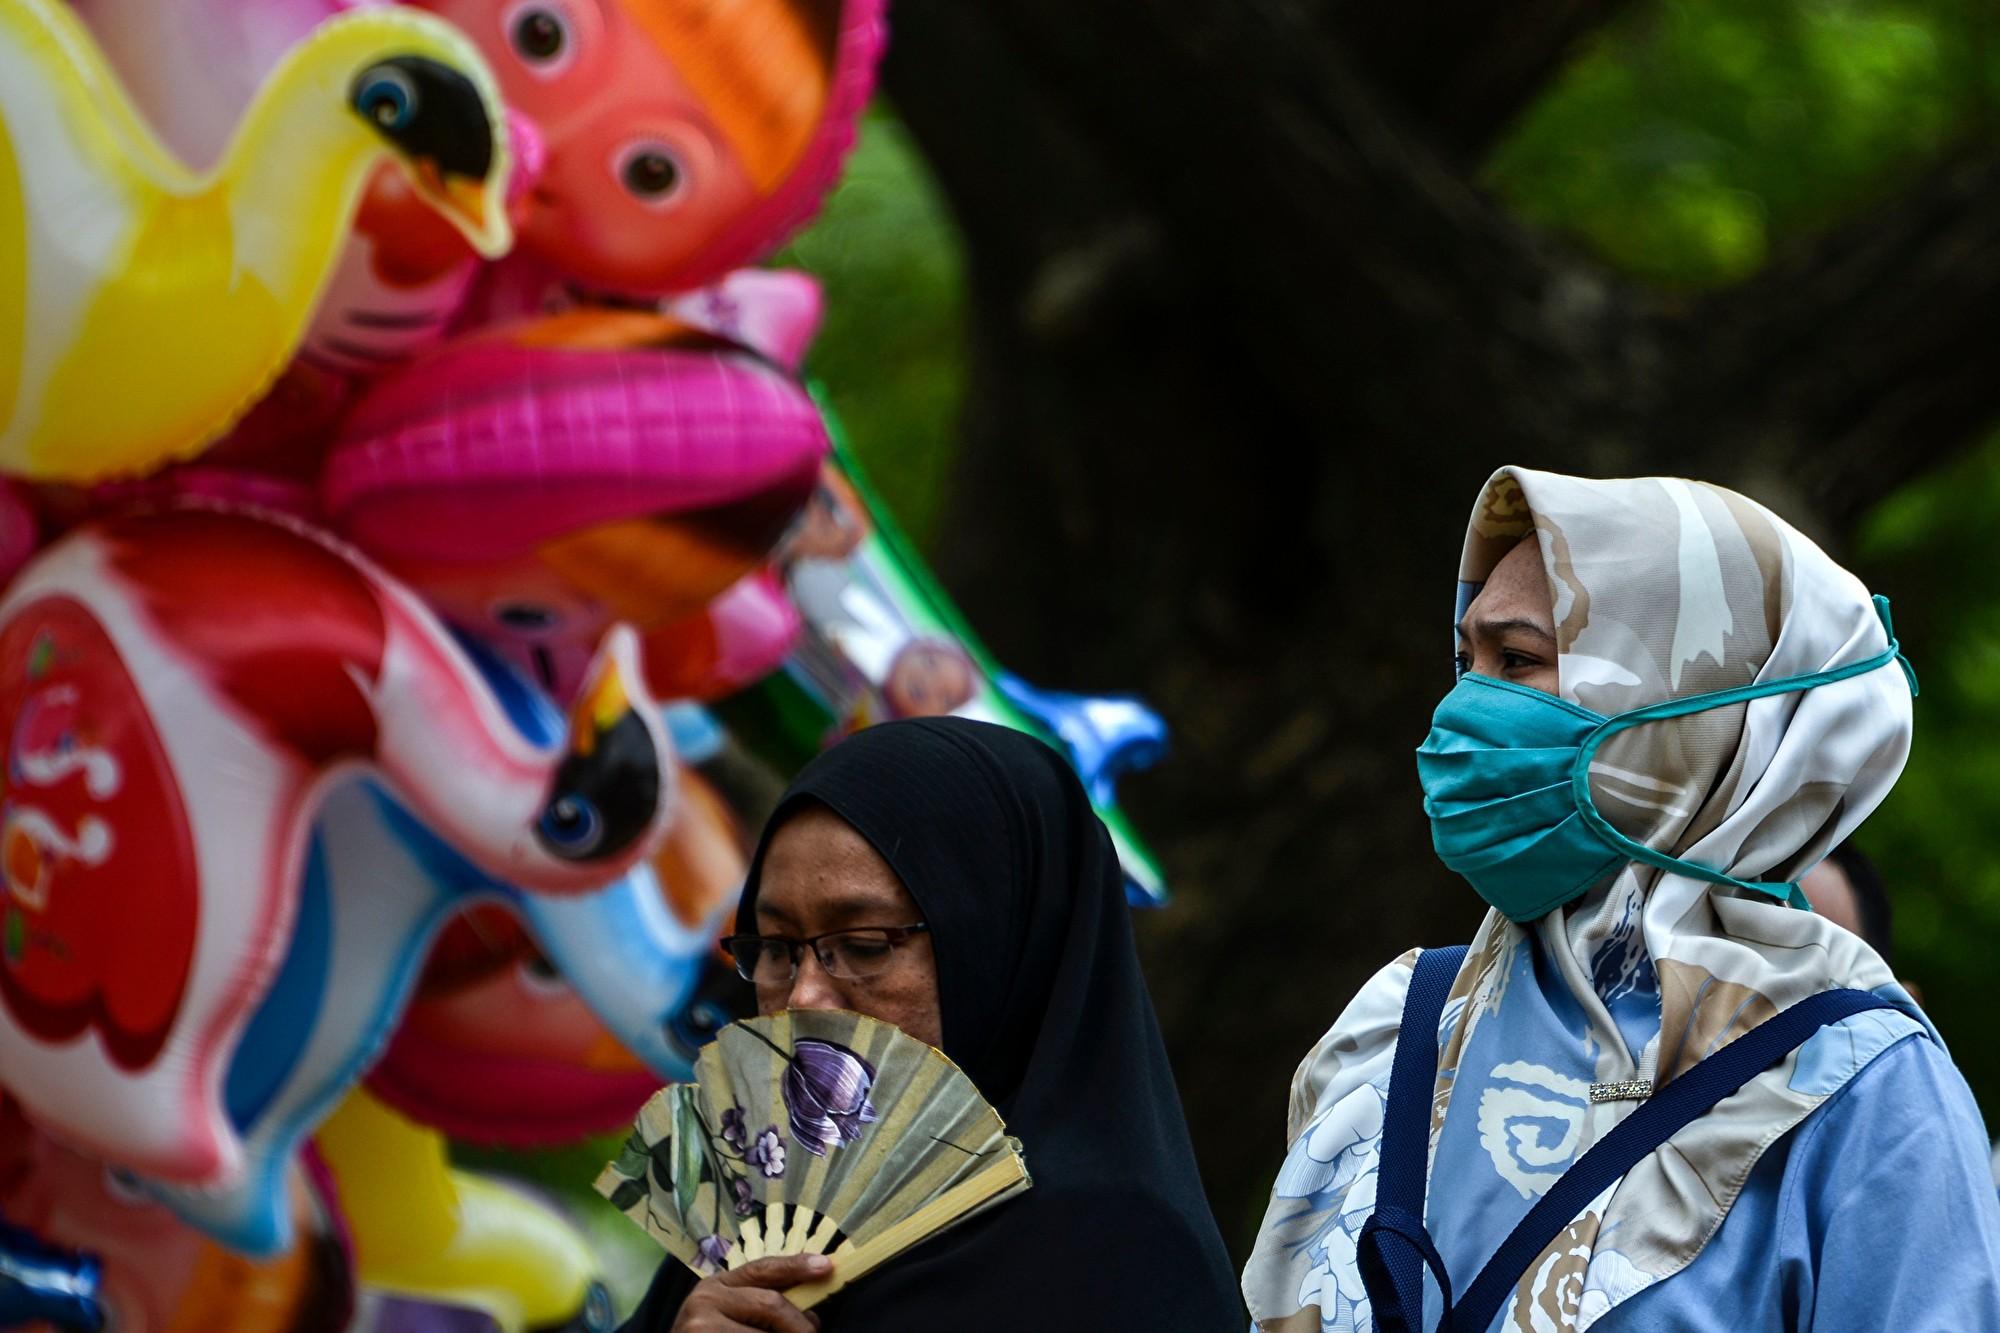 武漢肺炎引發恐慌 蝙蝠餐在印尼仍熱賣